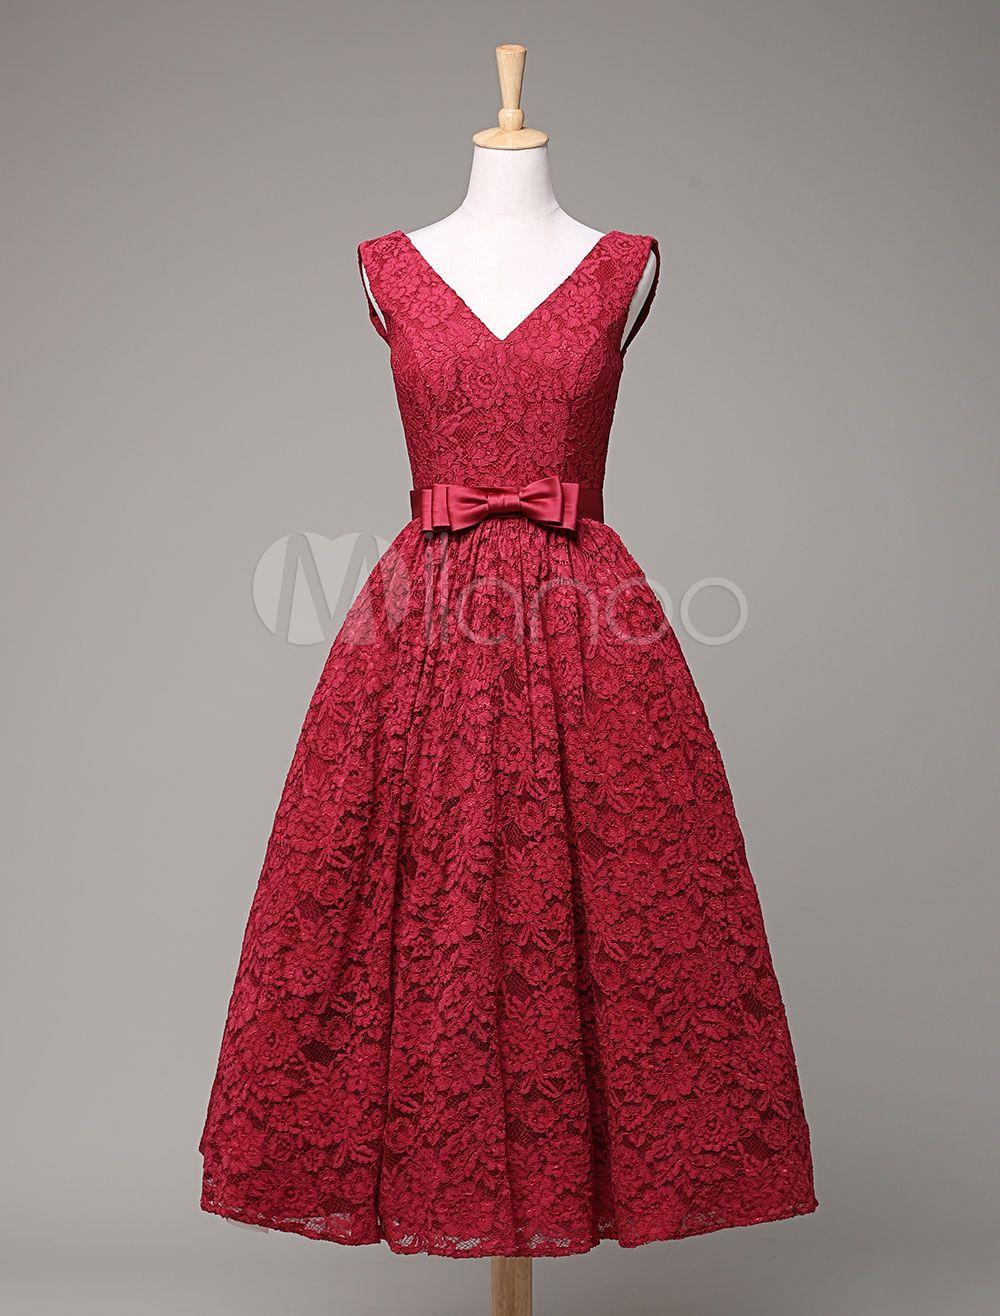 Spitzen Prom Kleid mit V-Ausschnitt a-Linie Taille Bow Tee-Länge ...